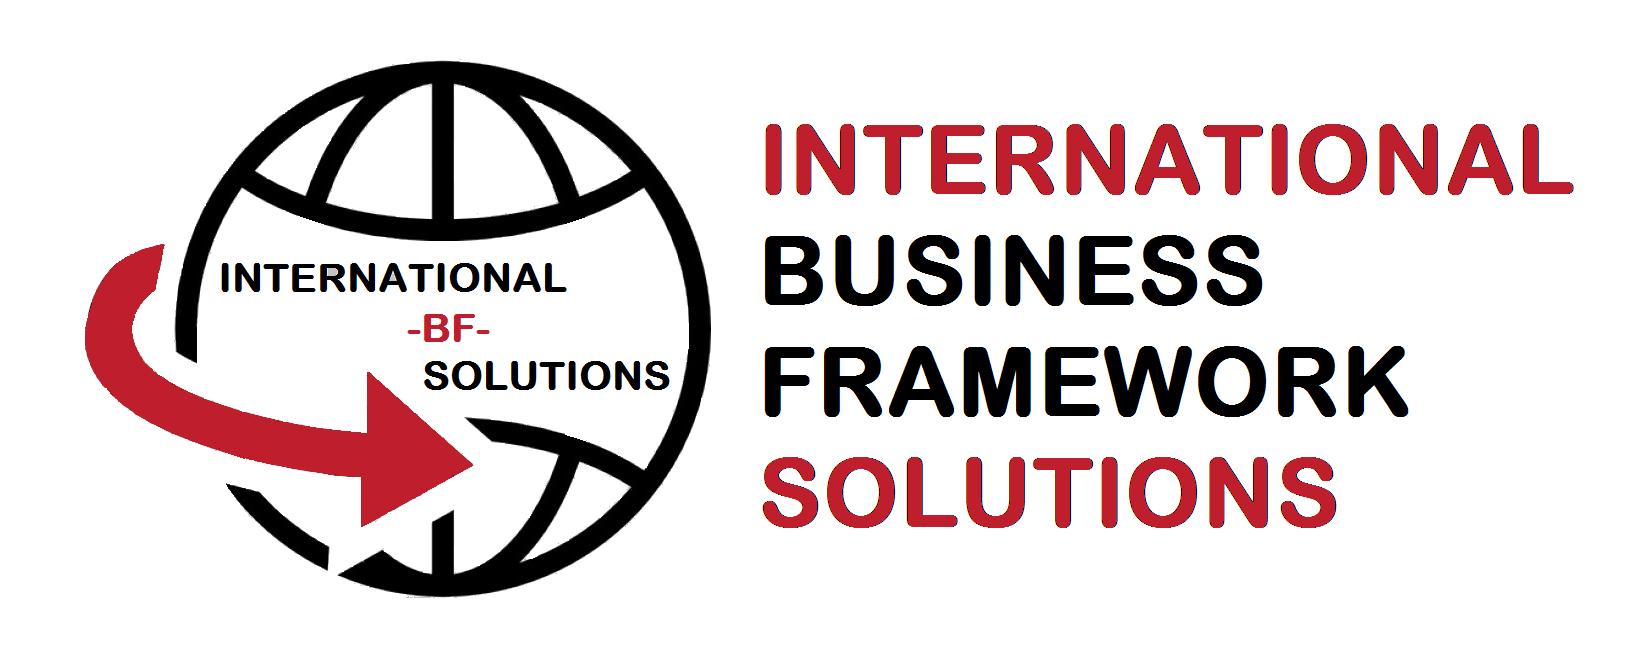 International Business Framework Solutions